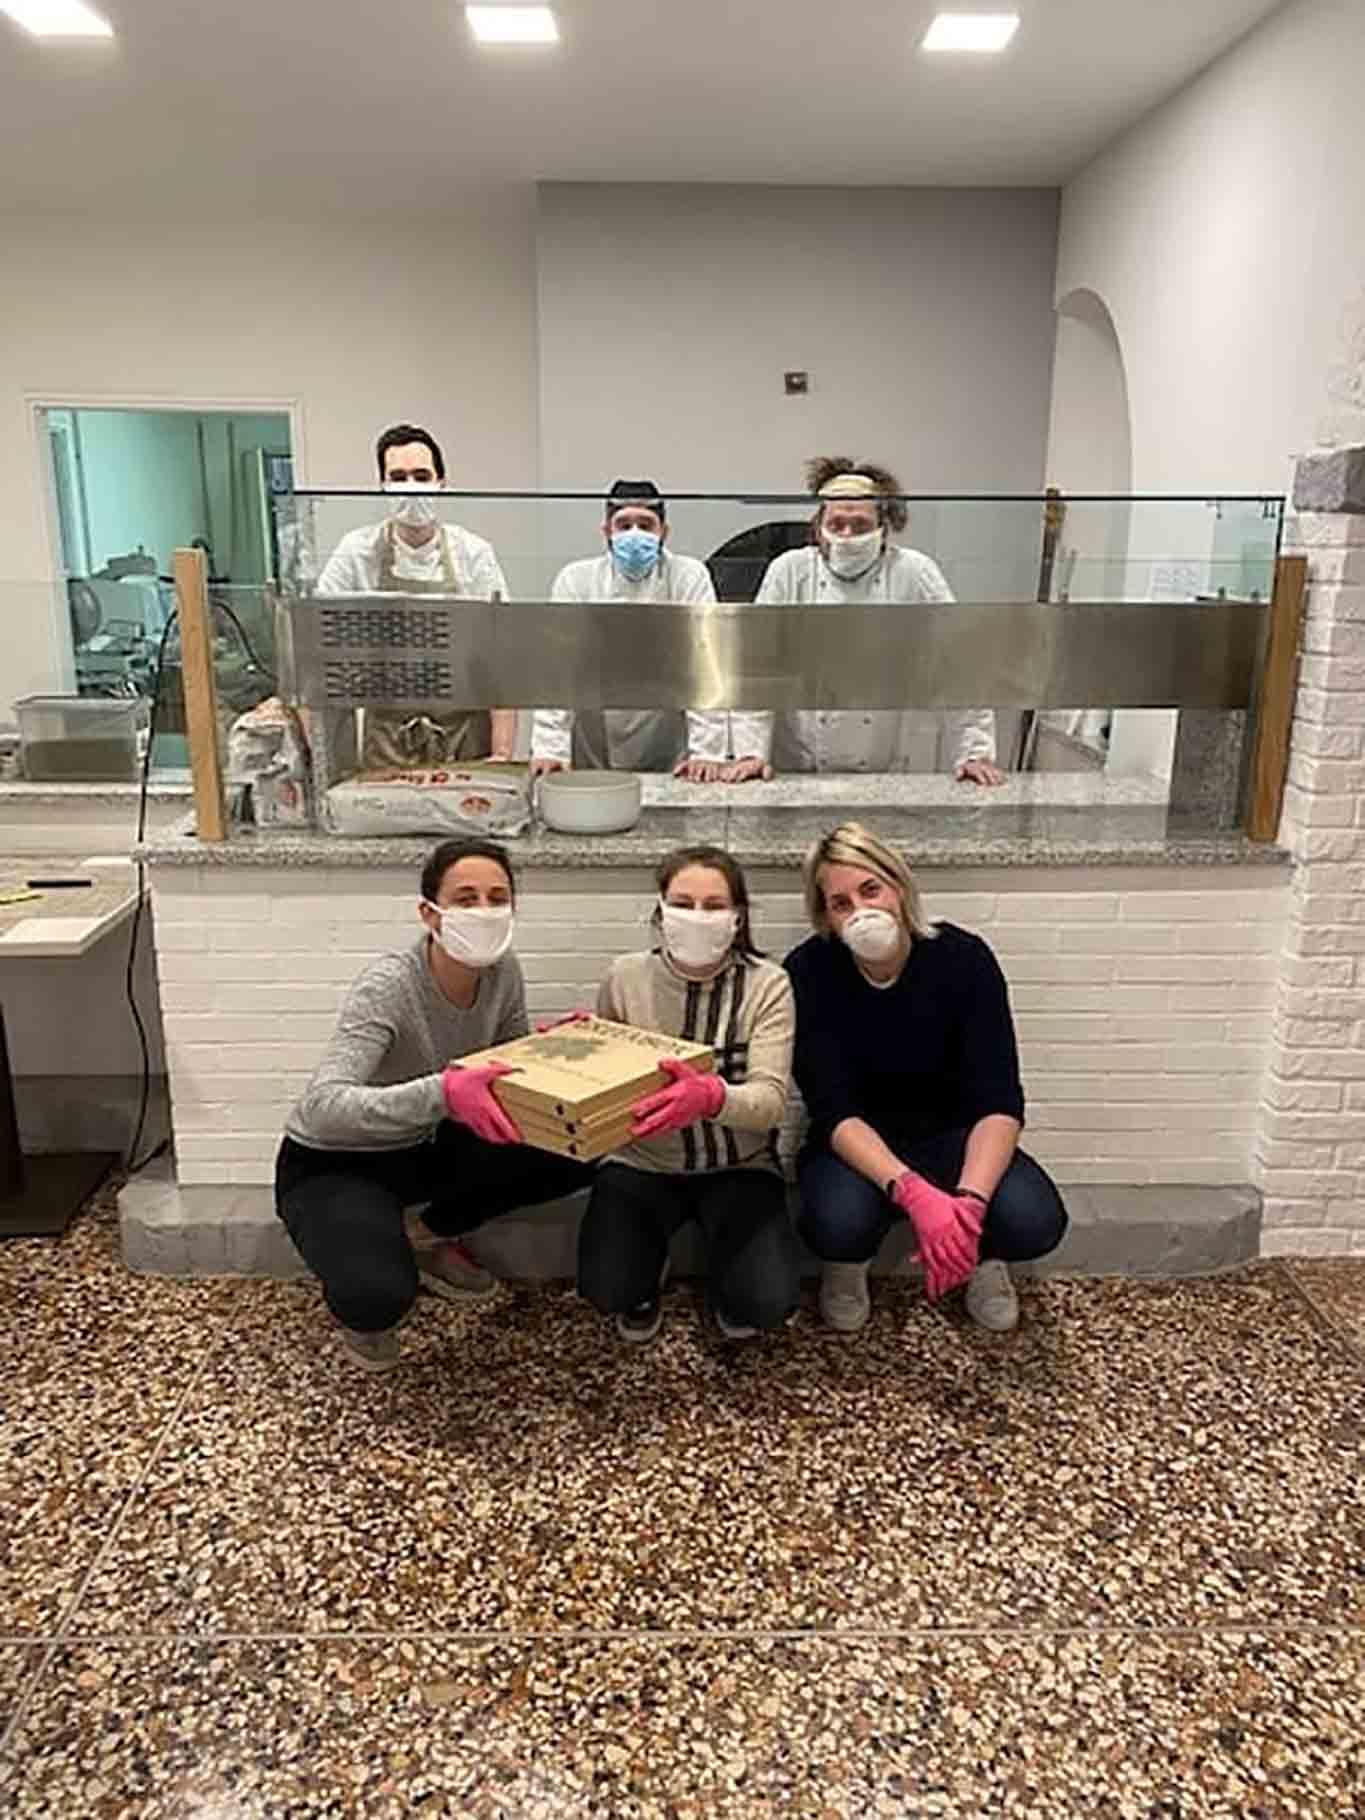 la pizzeria che apre in piena emergenza coronavirus Lalo Pace